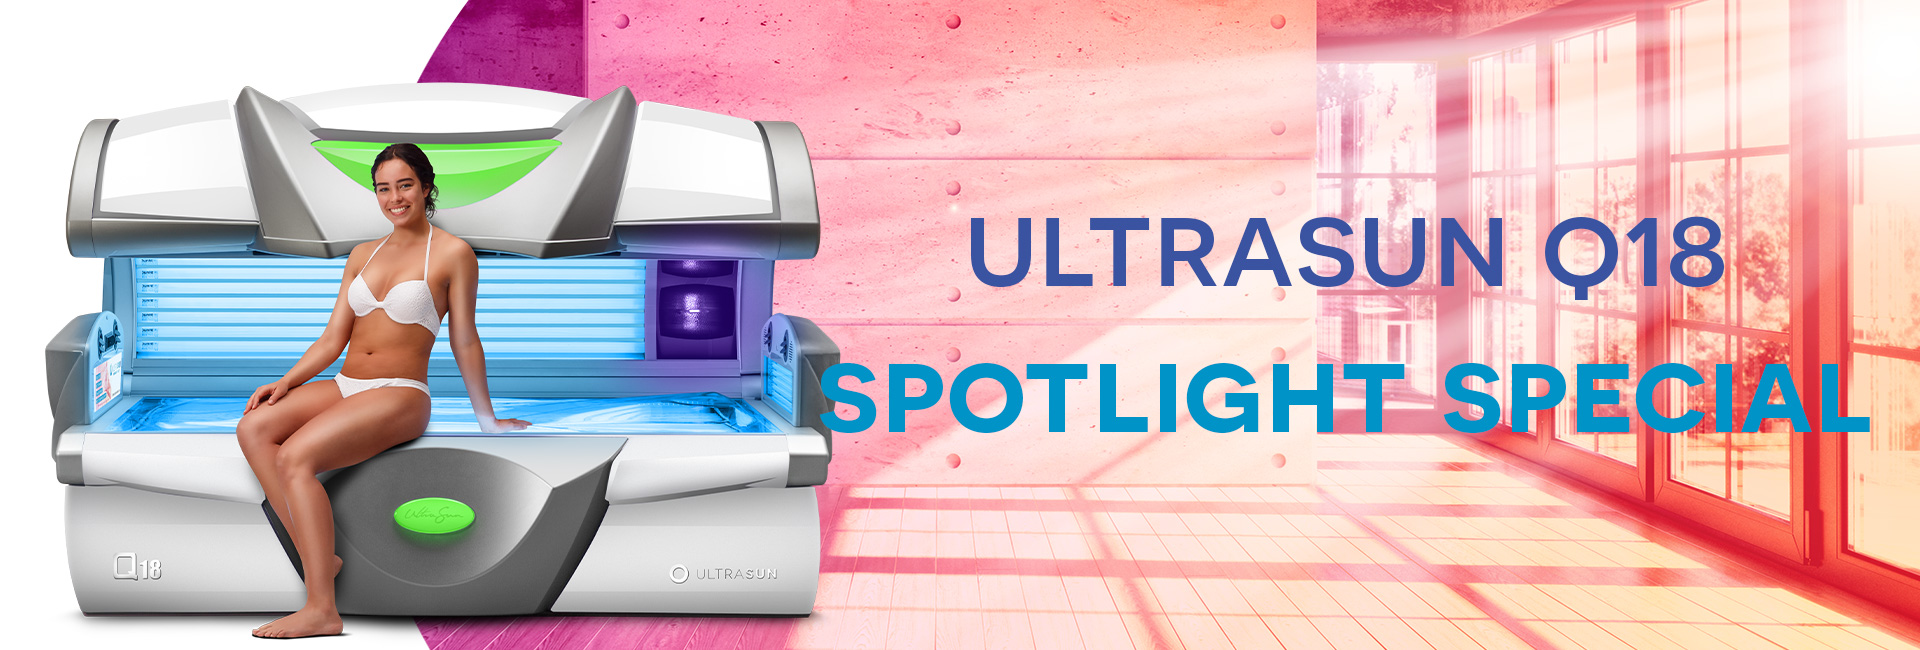 Ultrasun Q18 spotlight special